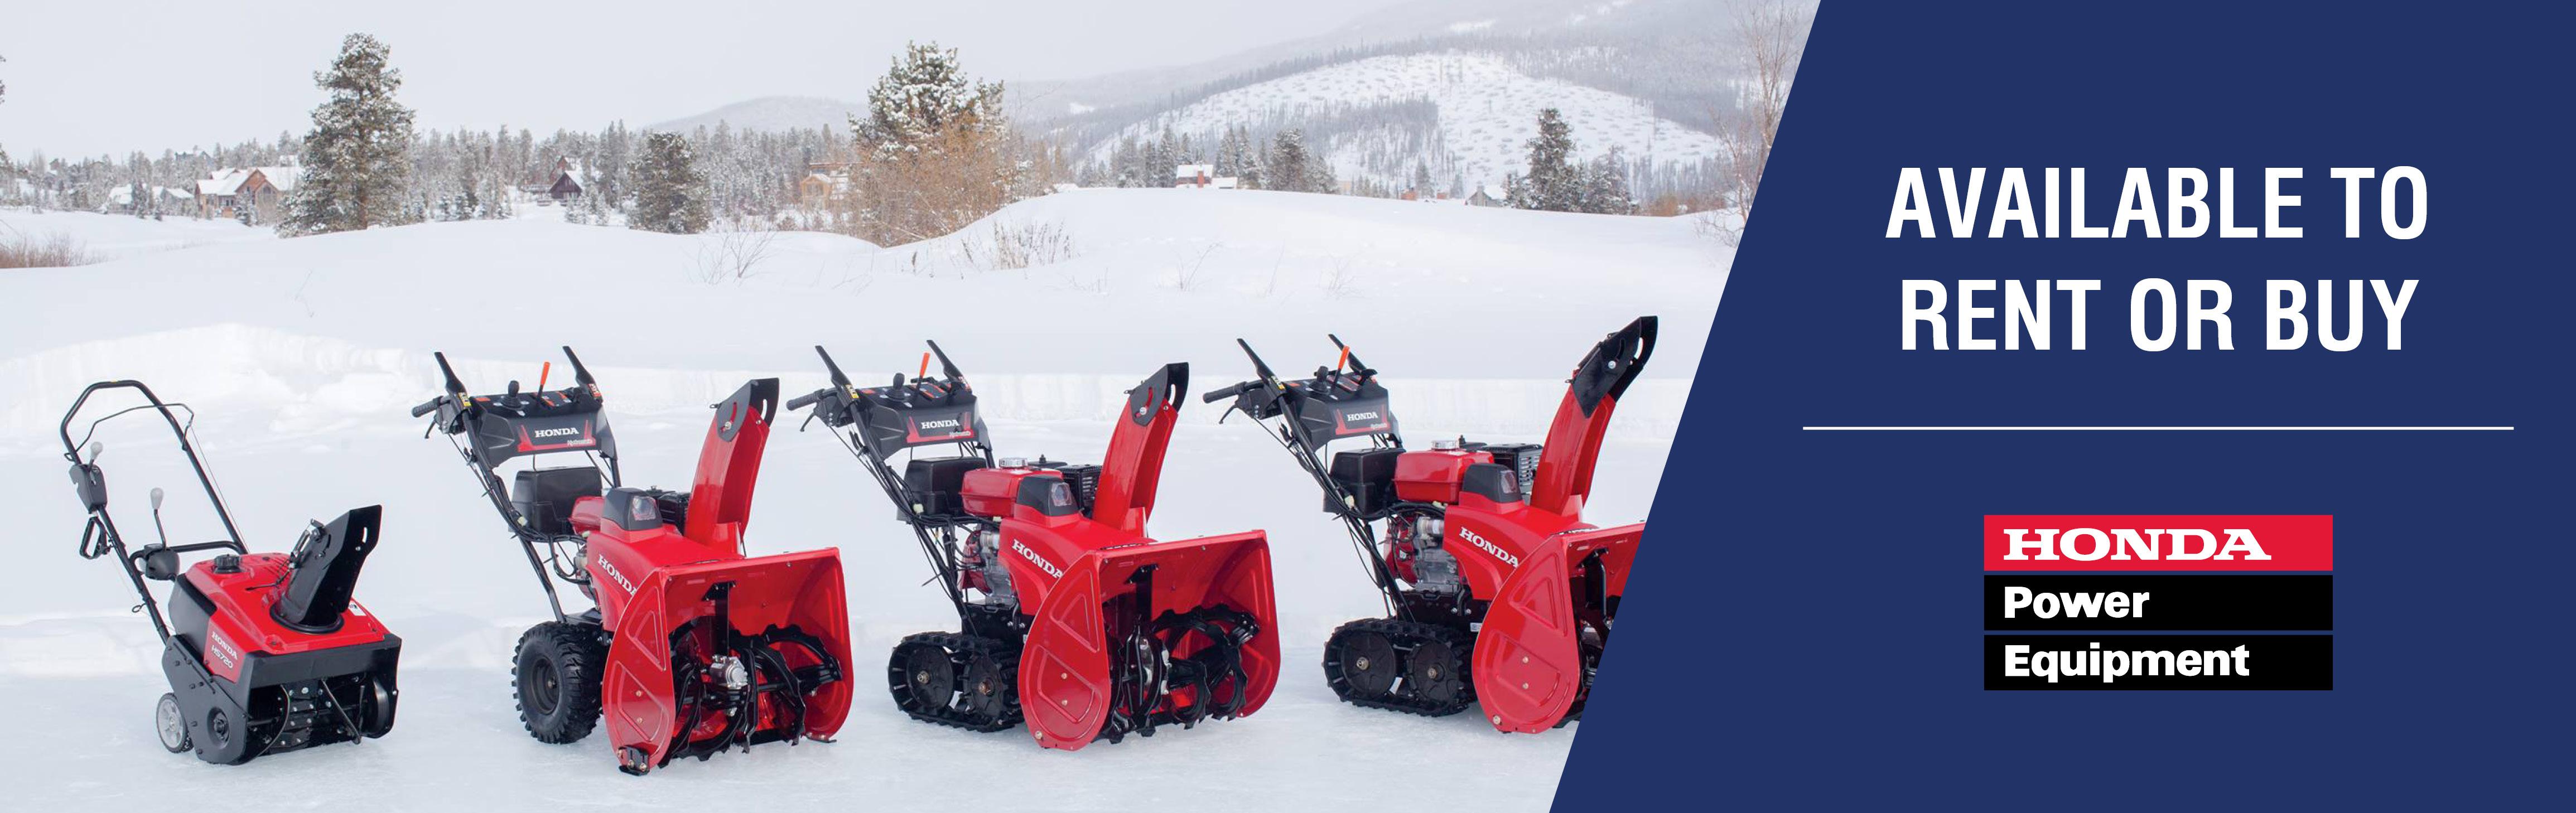 Sliders-Snowblowers-Power-Equipment-175-dpi4-1